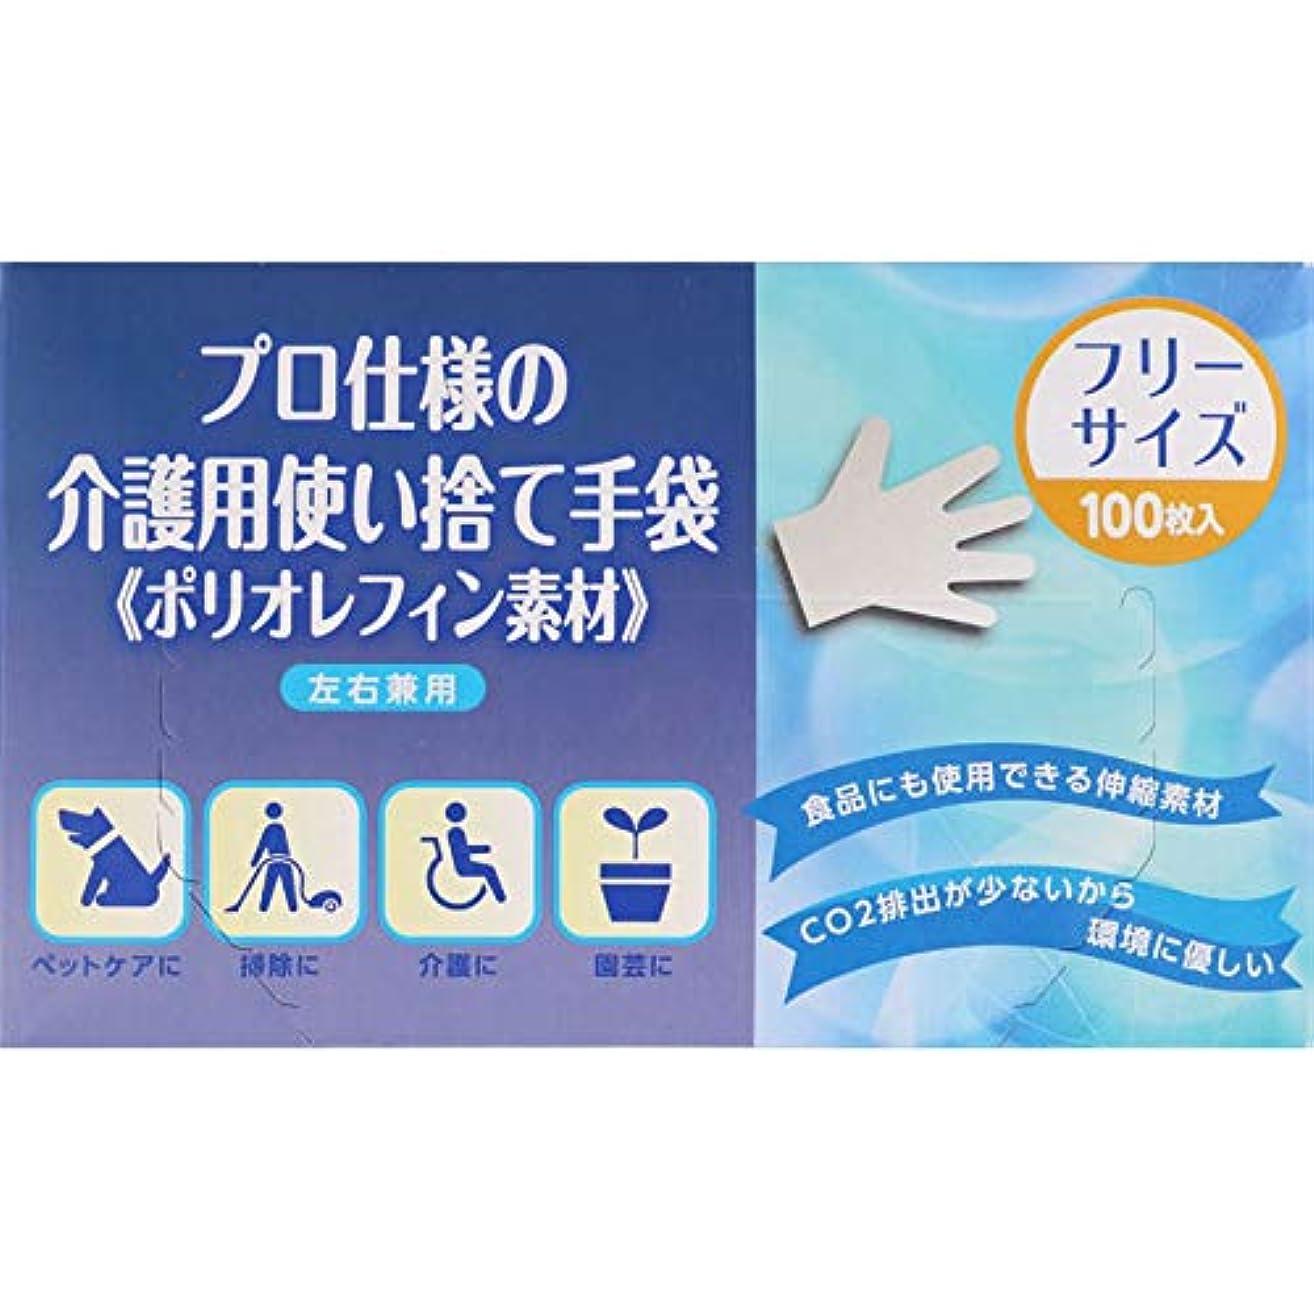 キャンセルズボン不十分【5個セット】プロ仕様の介護用使い捨て手袋《ポリオレフィン素材》 100枚